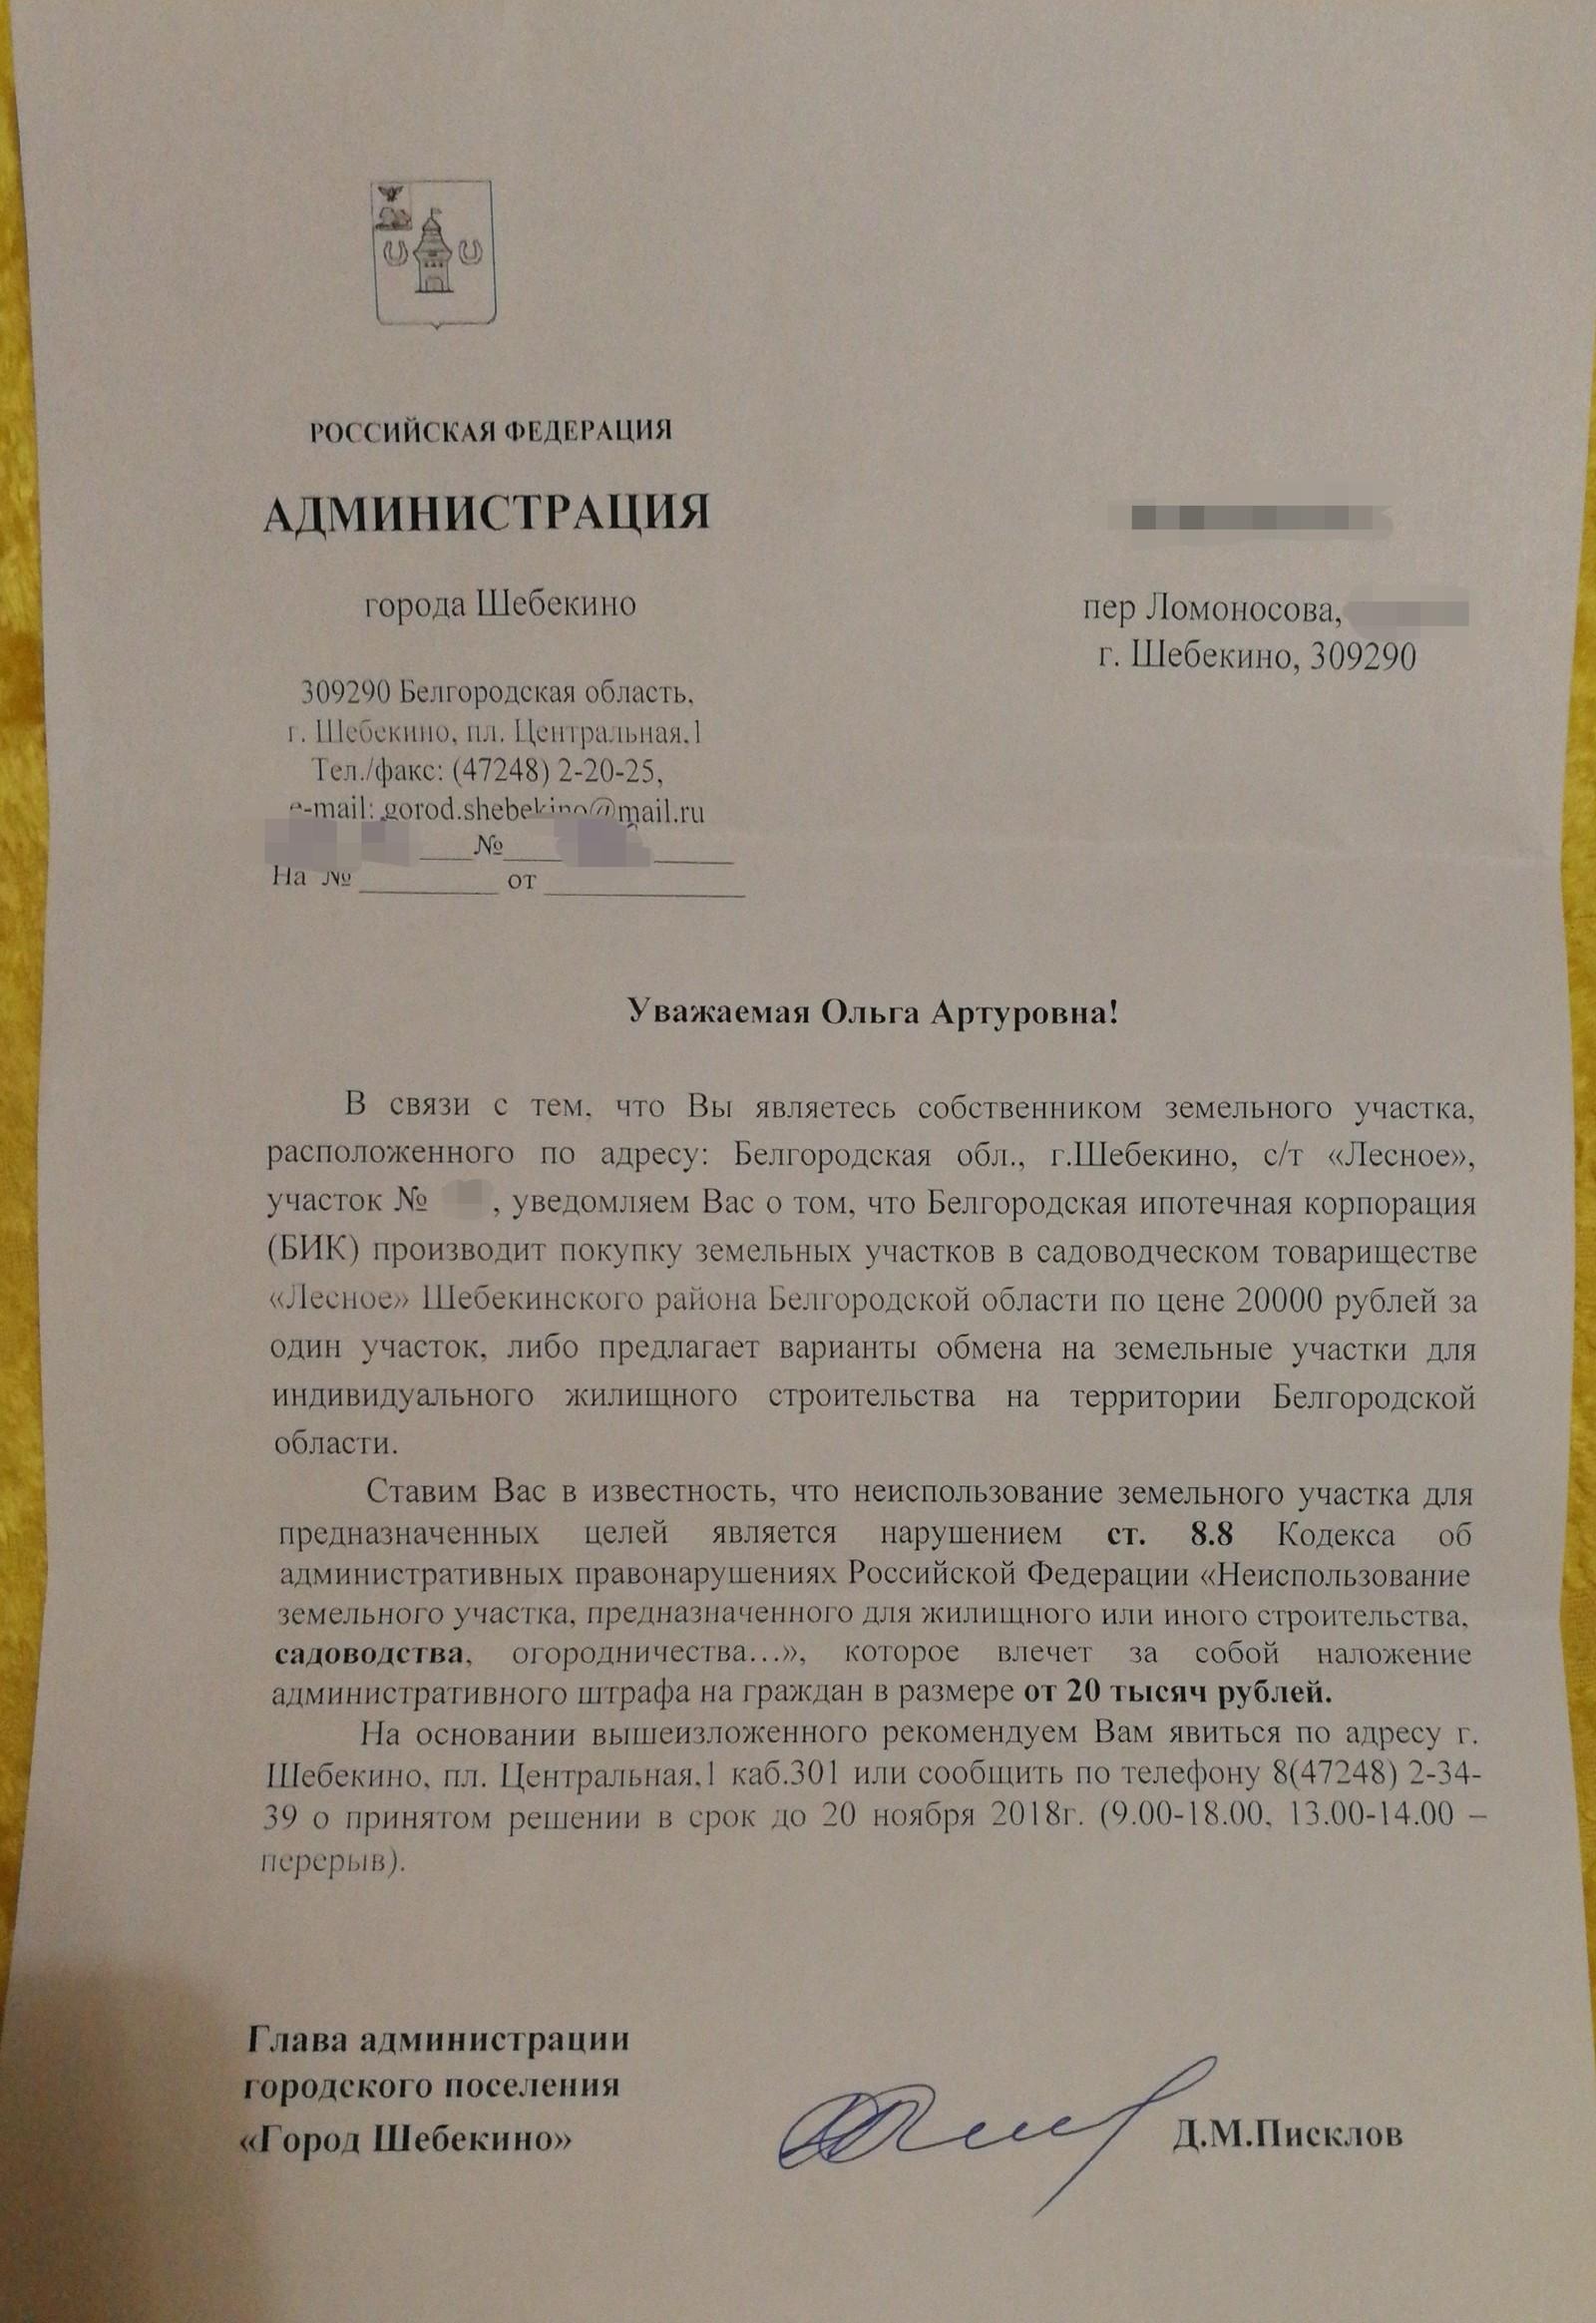 Москва не прислали квитанцию из налоговой